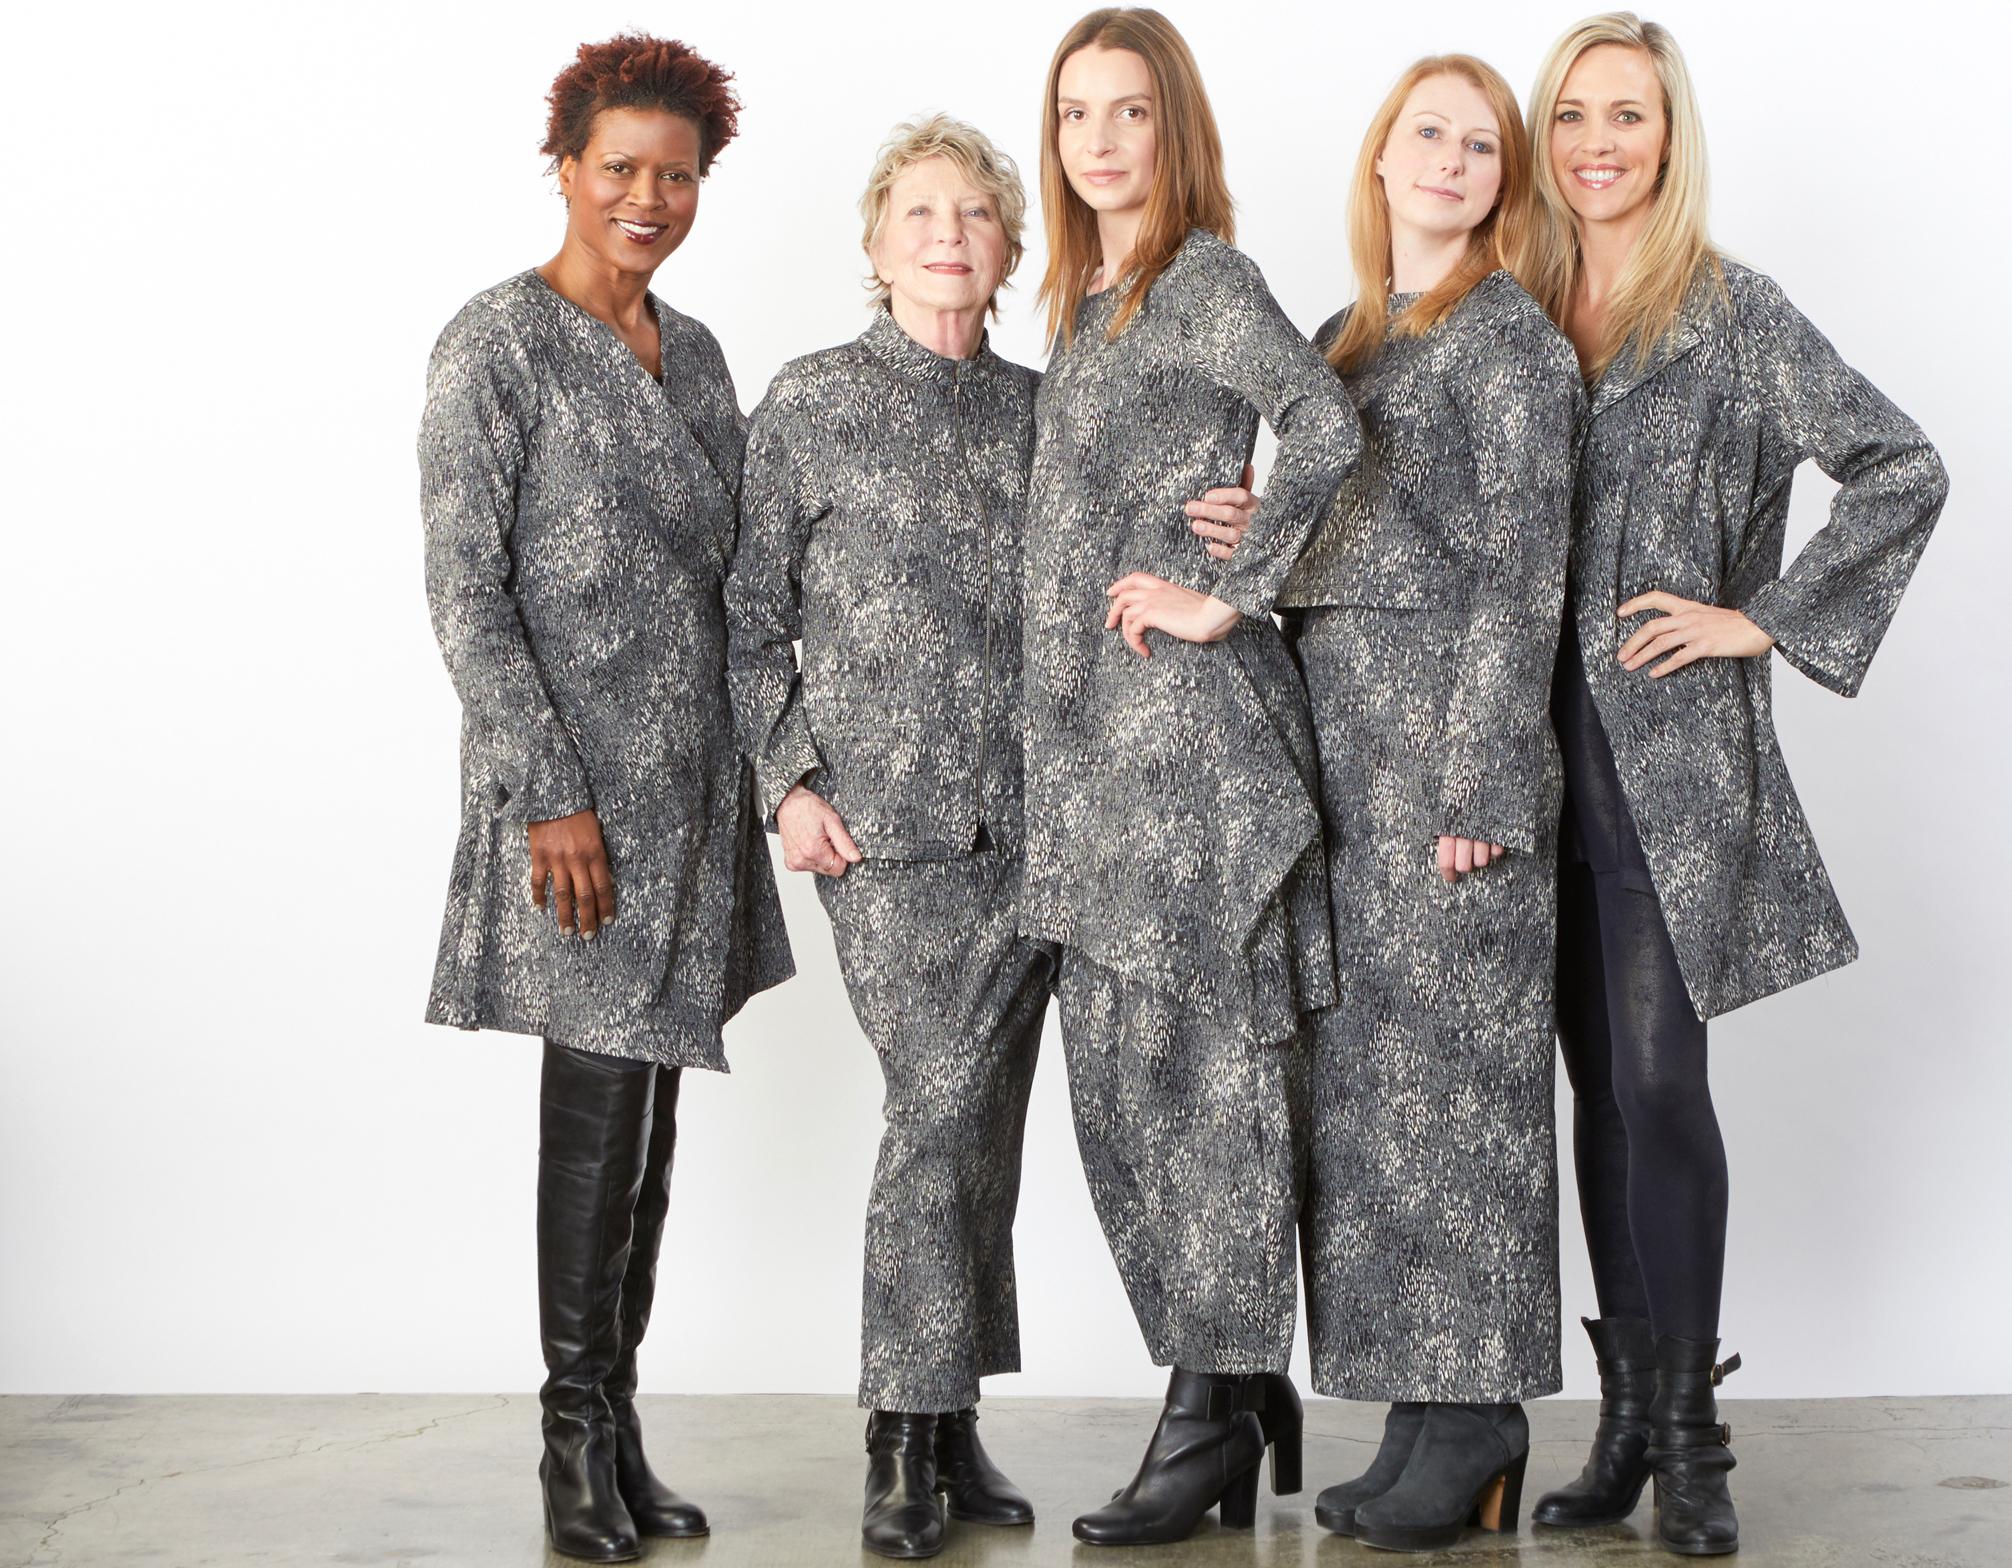 Andrea Jacket,Mathias Jacket, Slim Skirt, Chase Tunic, Oliver Pant, Sigrid Shirt, Amsterdam Jacket in Blue Ready for Helsinki